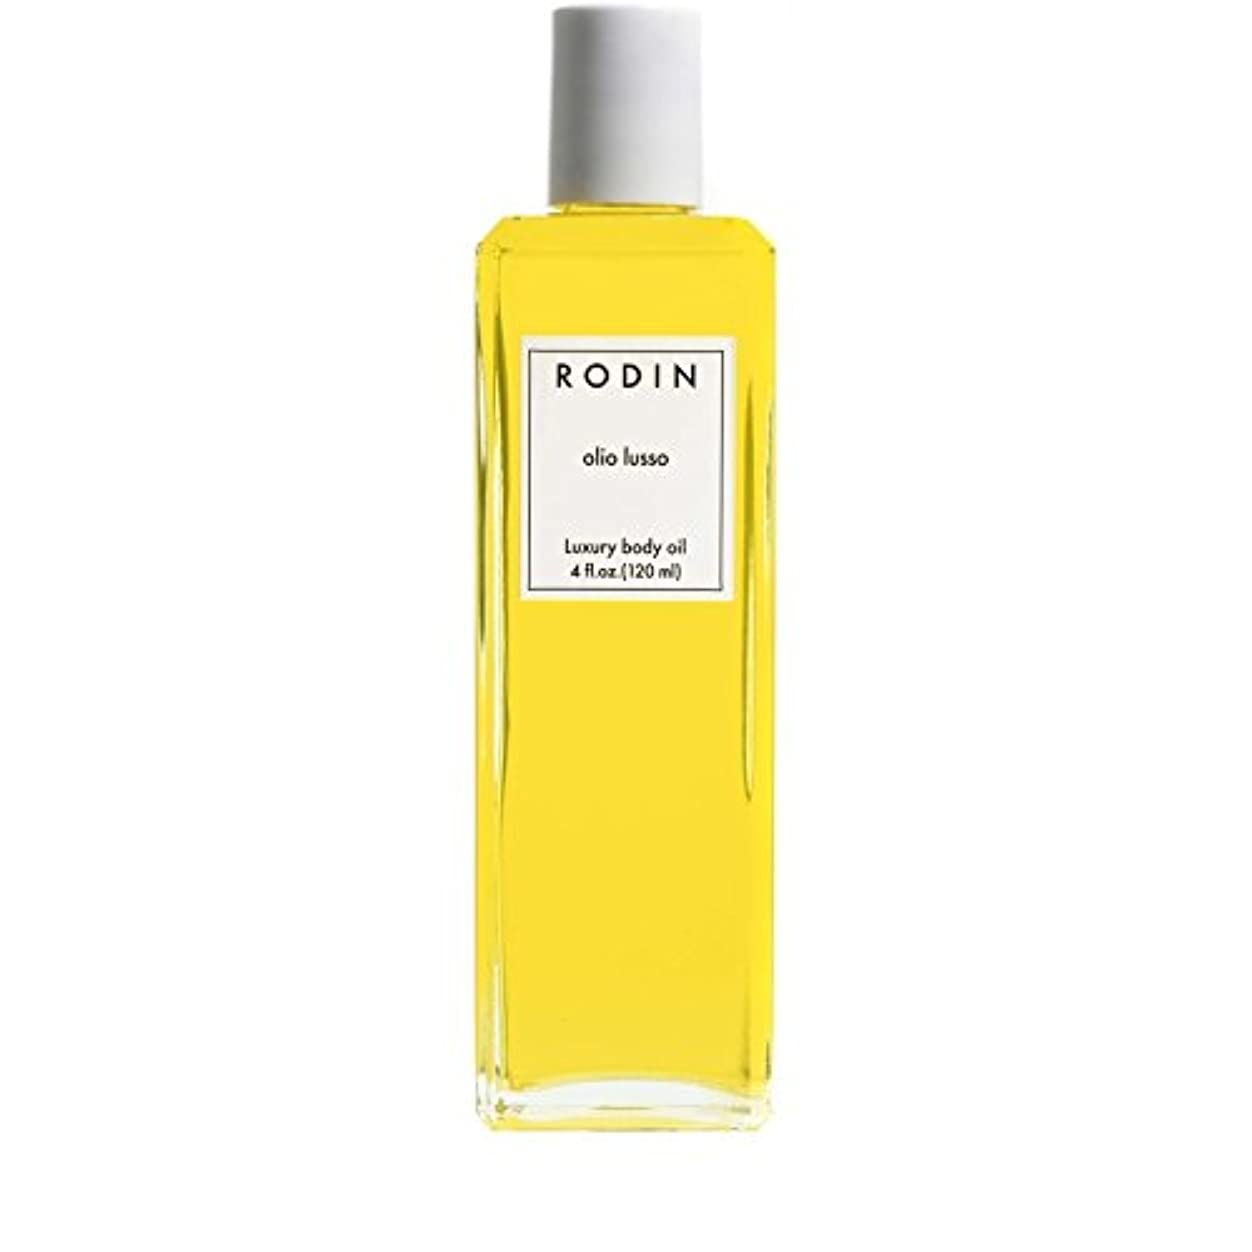 まだら暴徒サイトRODIN olio lusso Jasmine & Neroli Luxury Body Oil 120ml - ロダンルッソジャスミン&ネロリ贅沢なボディオイル120ミリリットル [並行輸入品]